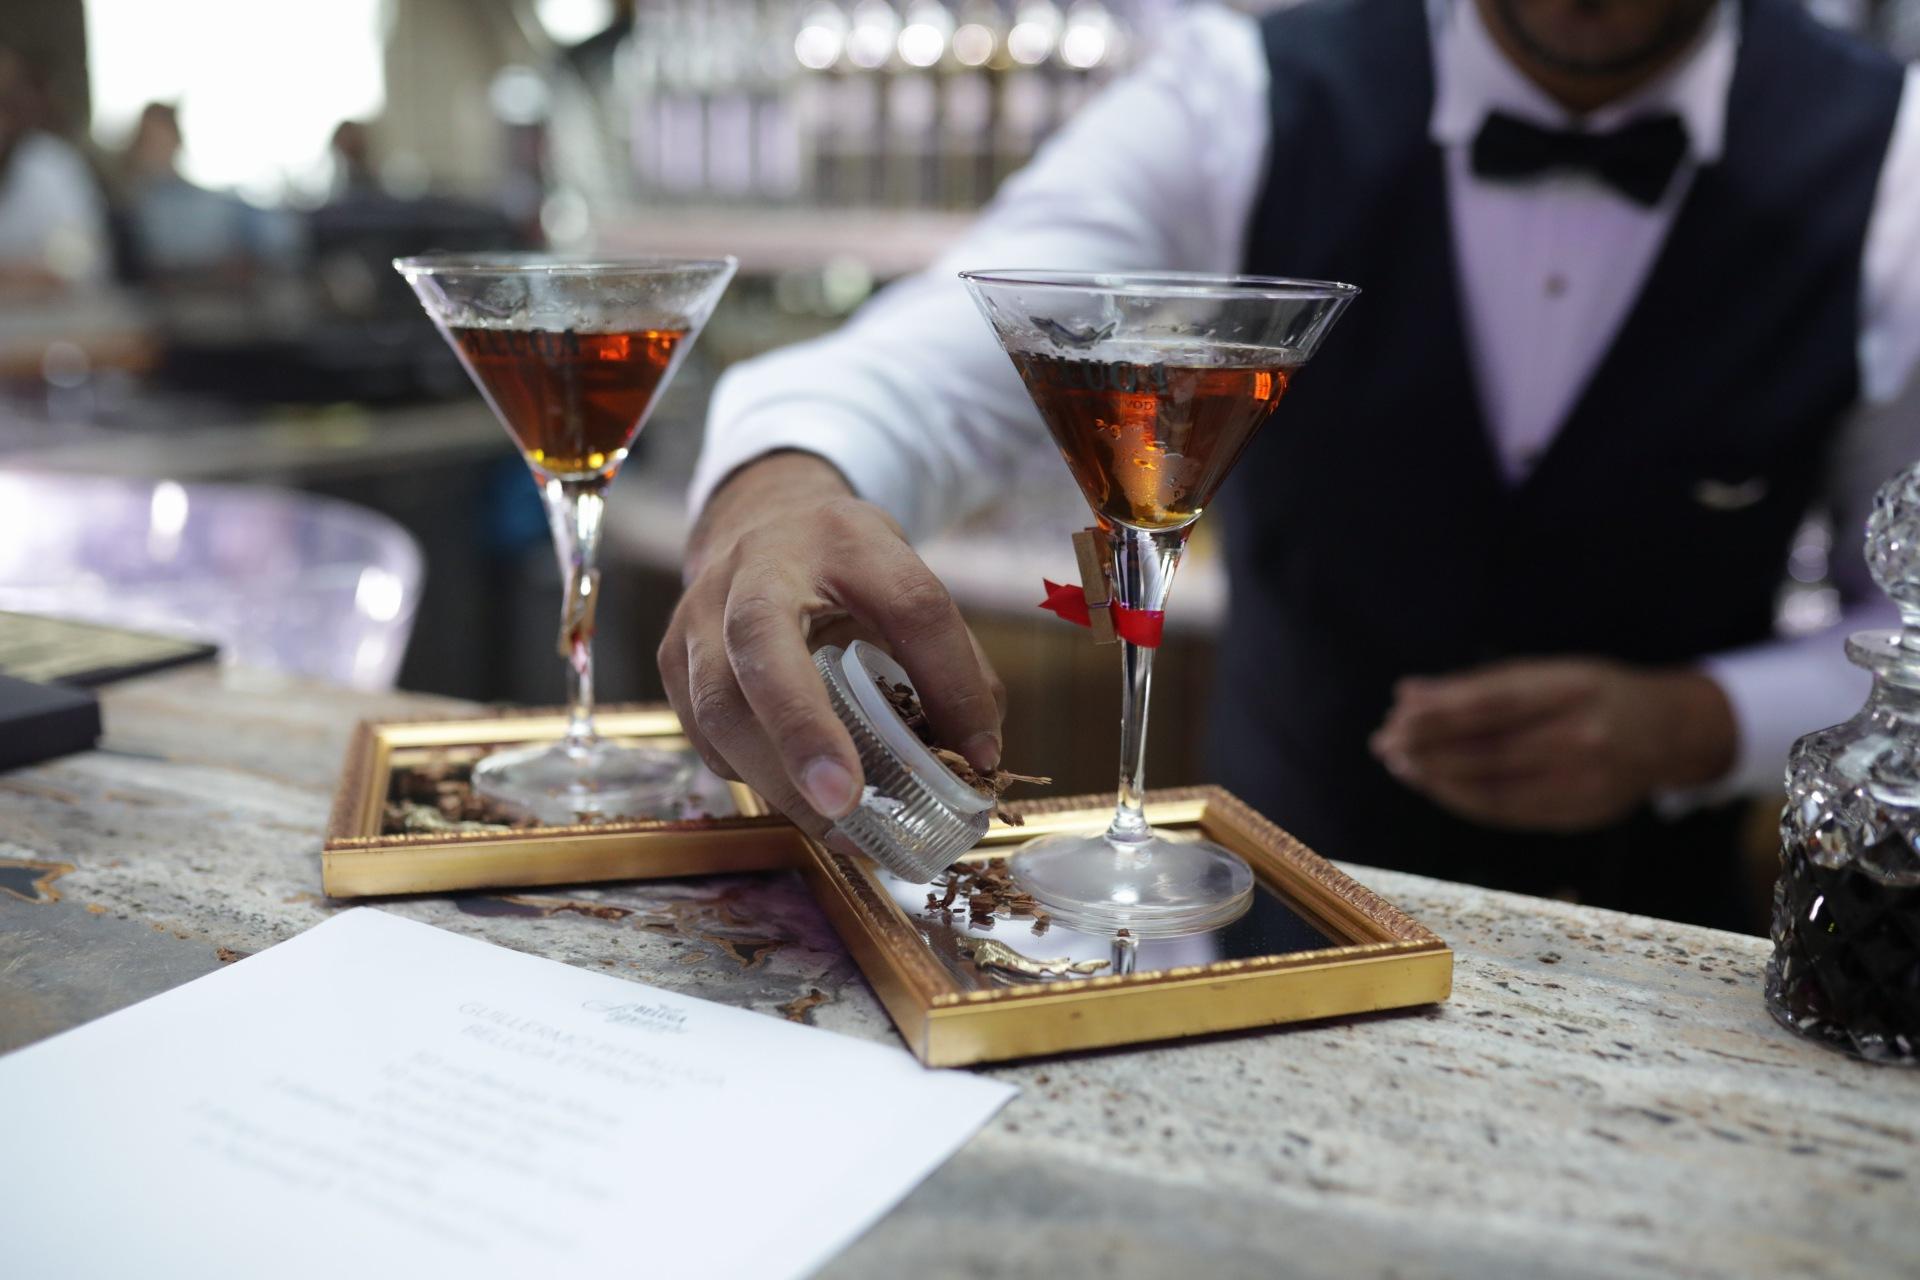 бартендер Guillermo Pittaluga из La Havane с коктейлем с древесным ароматом дуба со сладкими нотками ванили подсказал